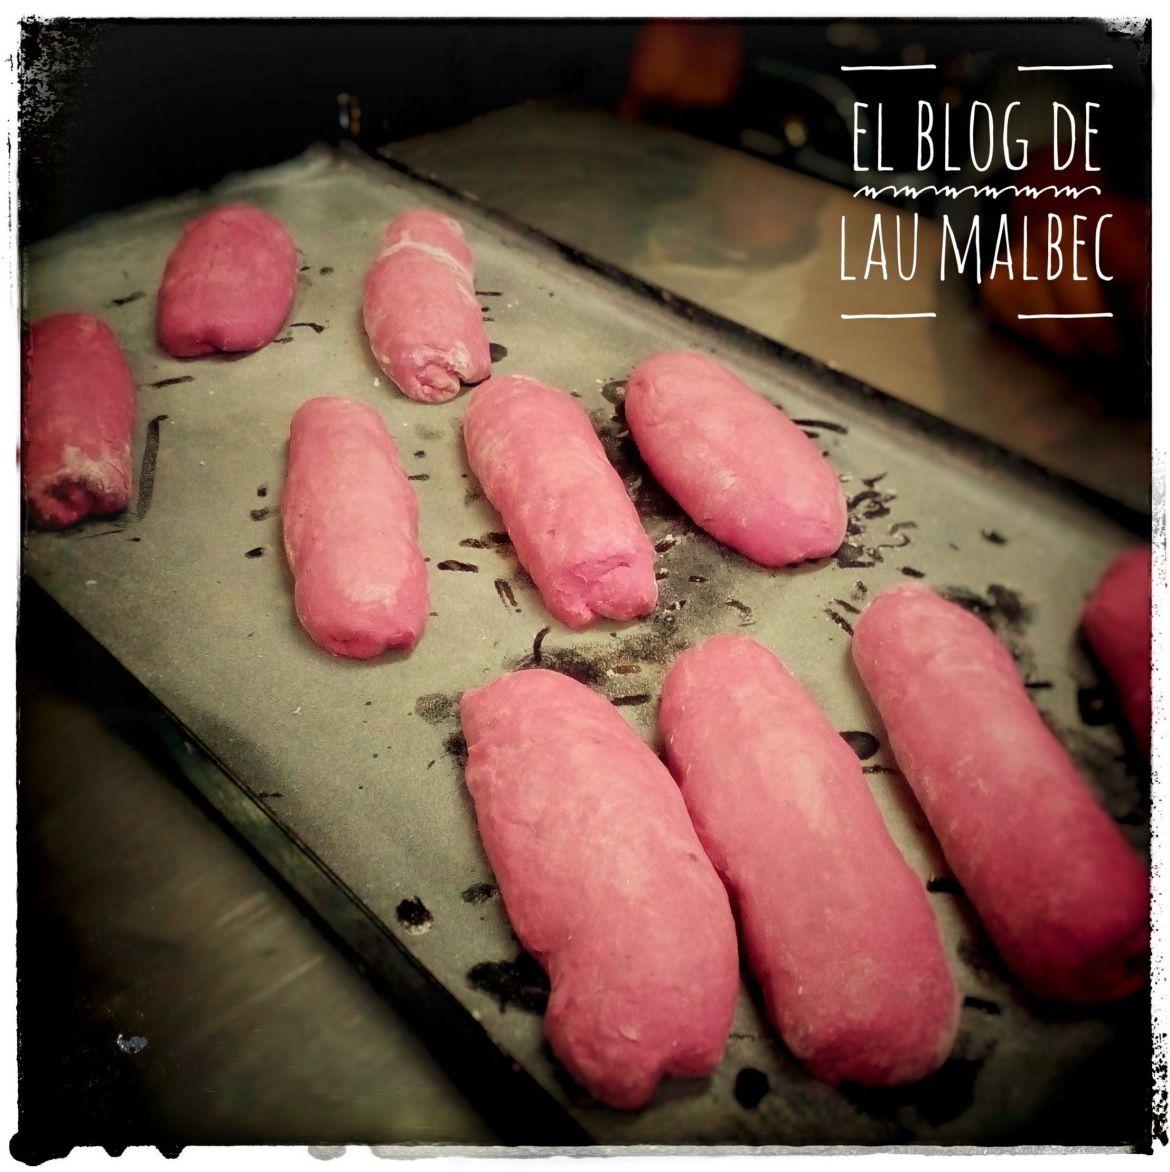 Gastronomia Peru Bolivia Lau Malbec